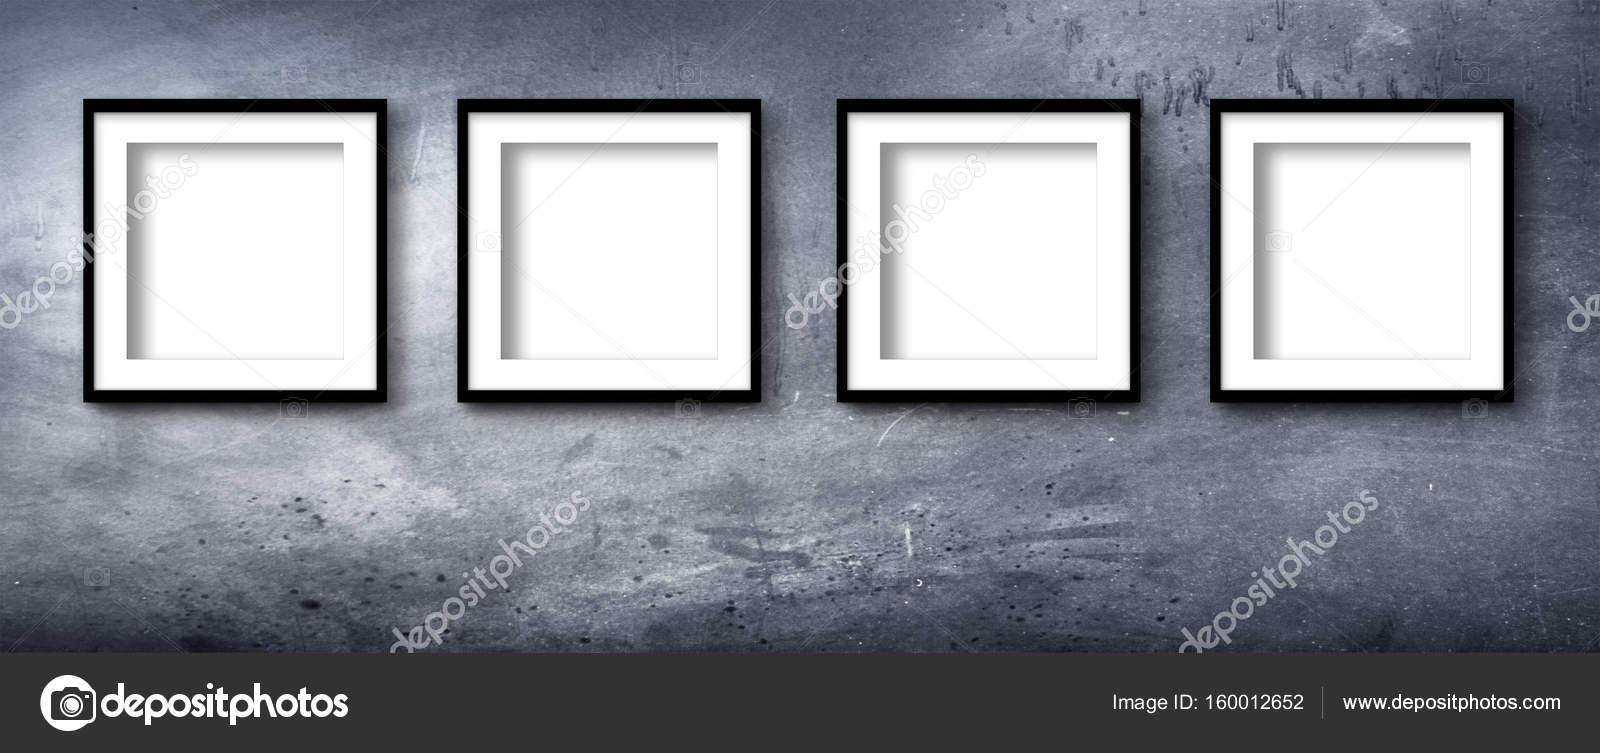 marco moderno de cuatro — Fotos de Stock © Photobeps #160012652